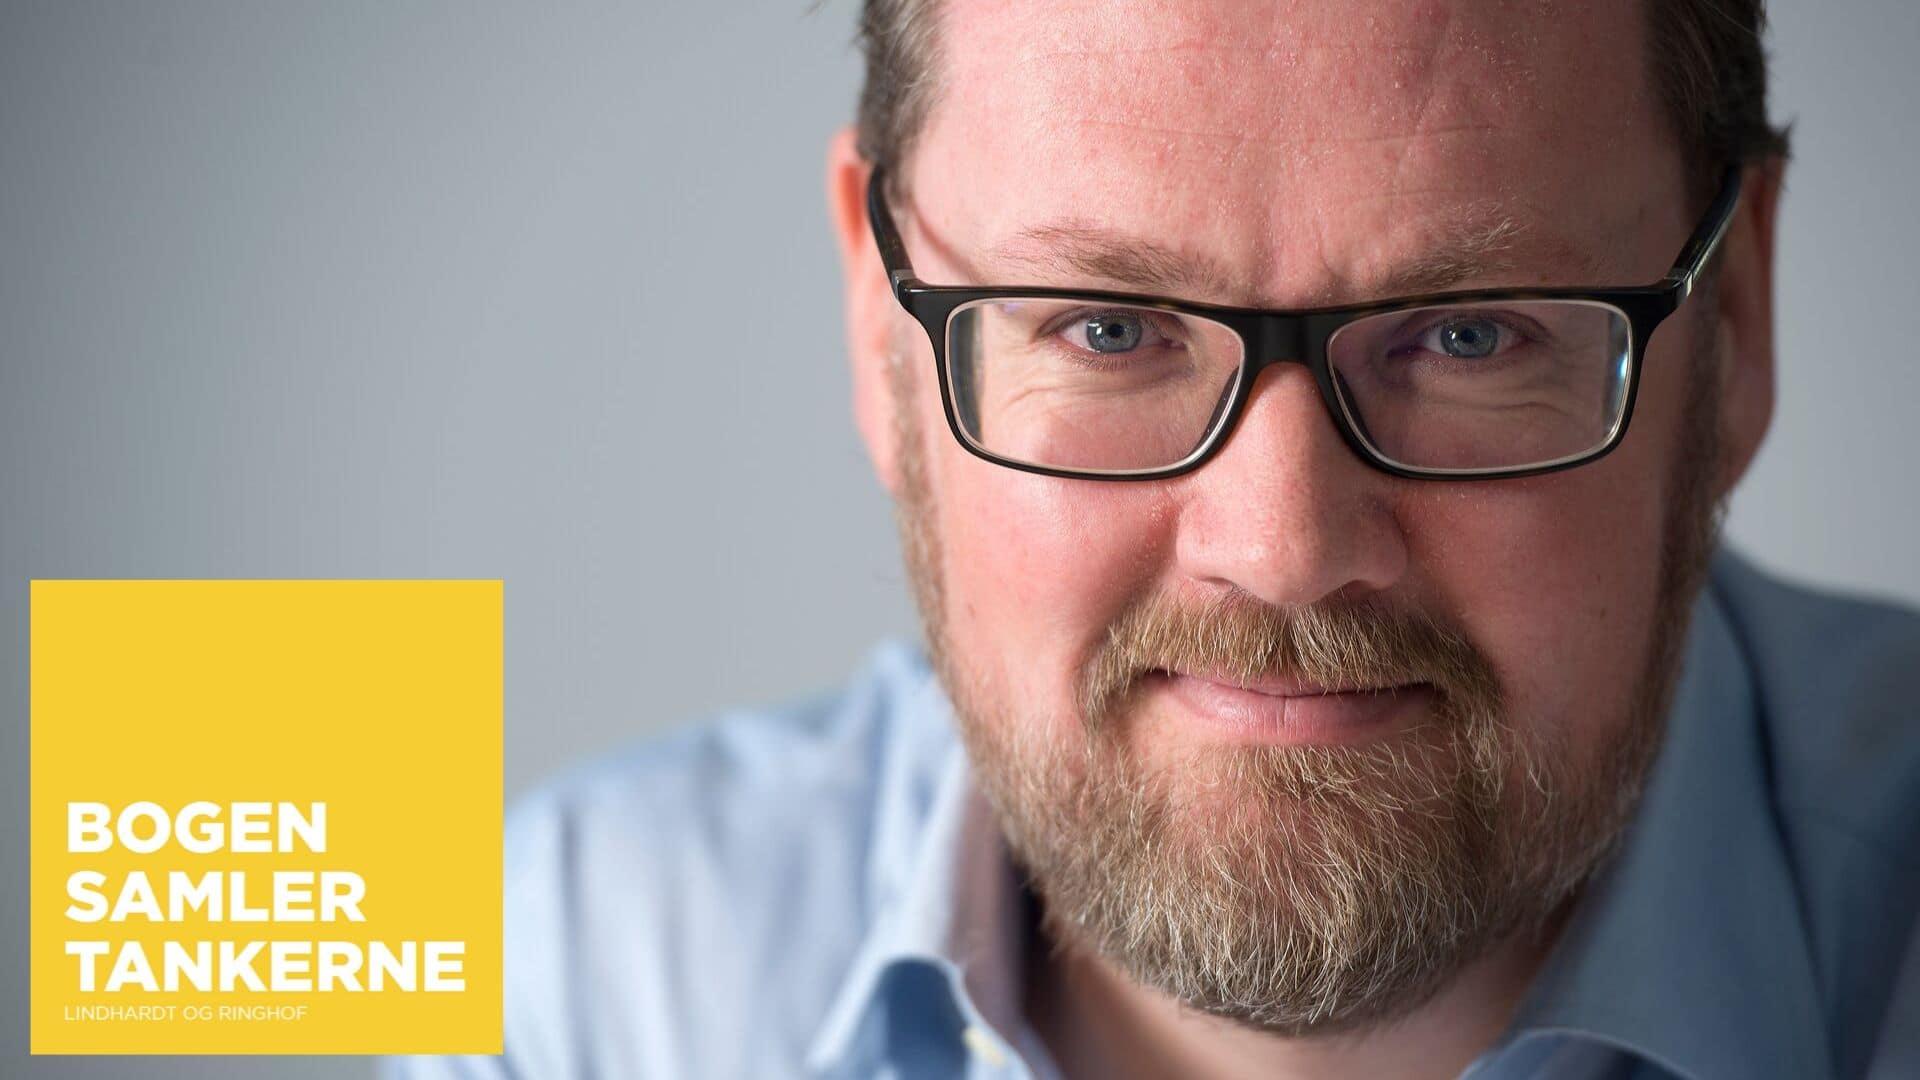 Ole Sønnichsen, Bogen samler tankerne, læsning, læsekampagne